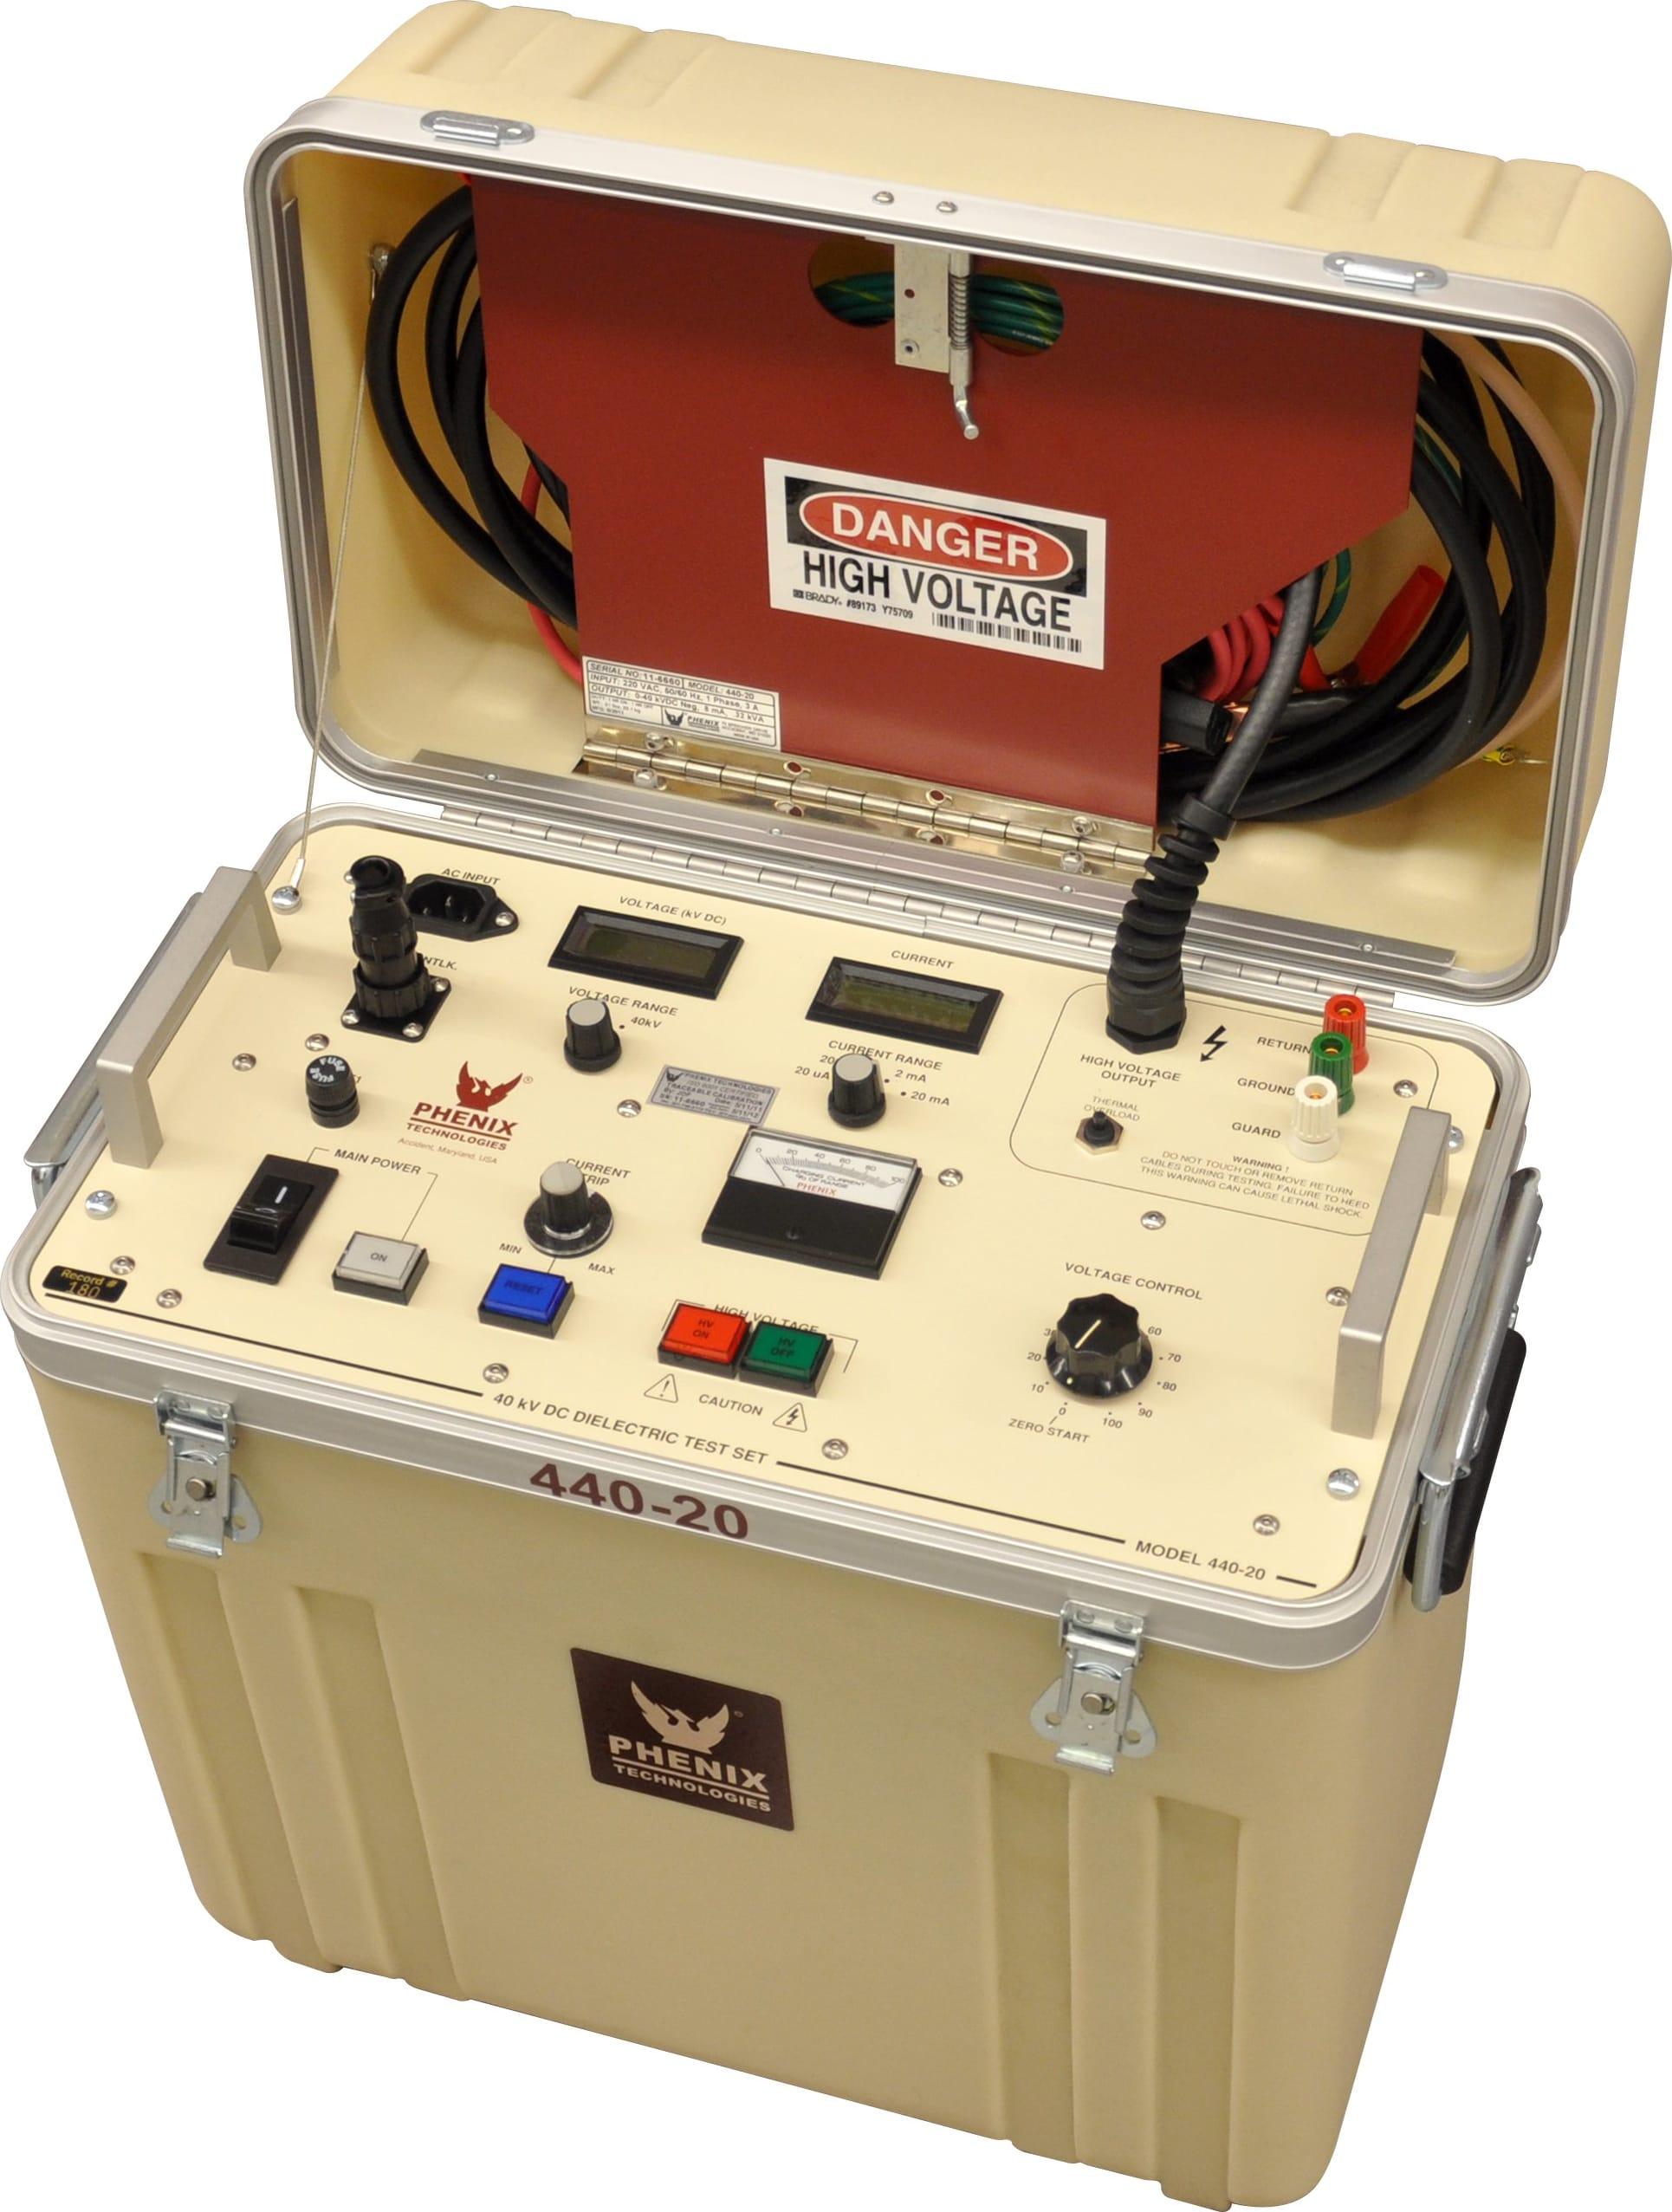 Phenix Technologies 440-20 40kVDC Portable DC Hipot